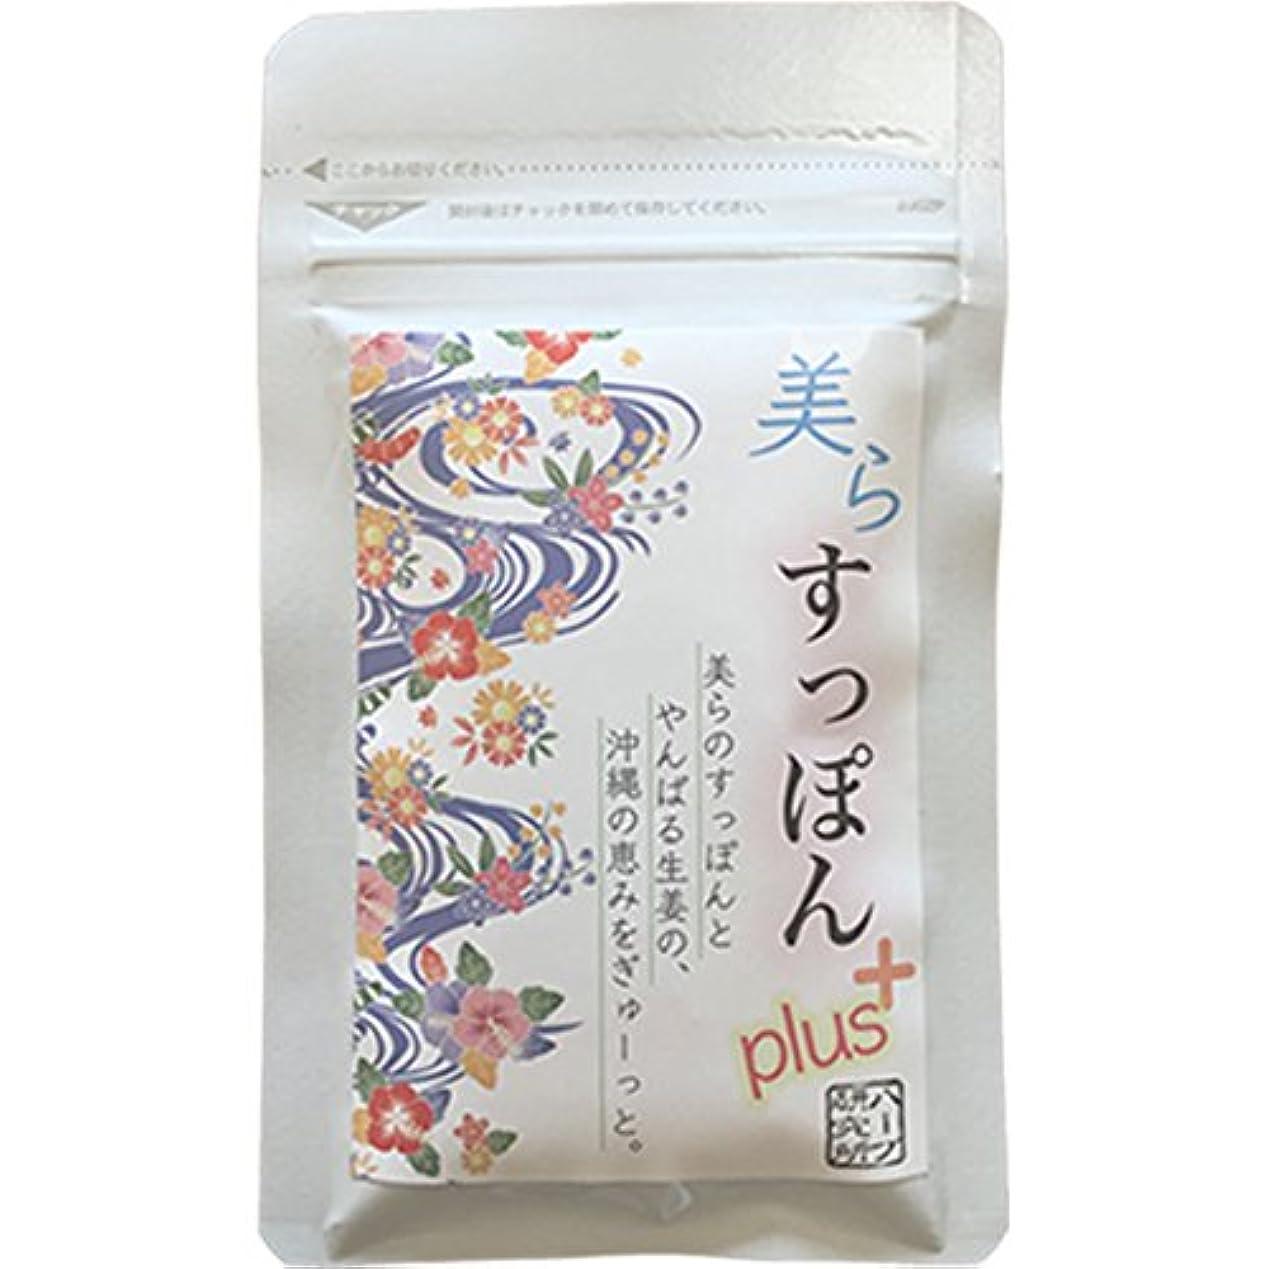 愚か具体的に取得温活 ぷるぷる 沖縄すっぽん + やんばるしょうが のサプリ 62粒 1パック